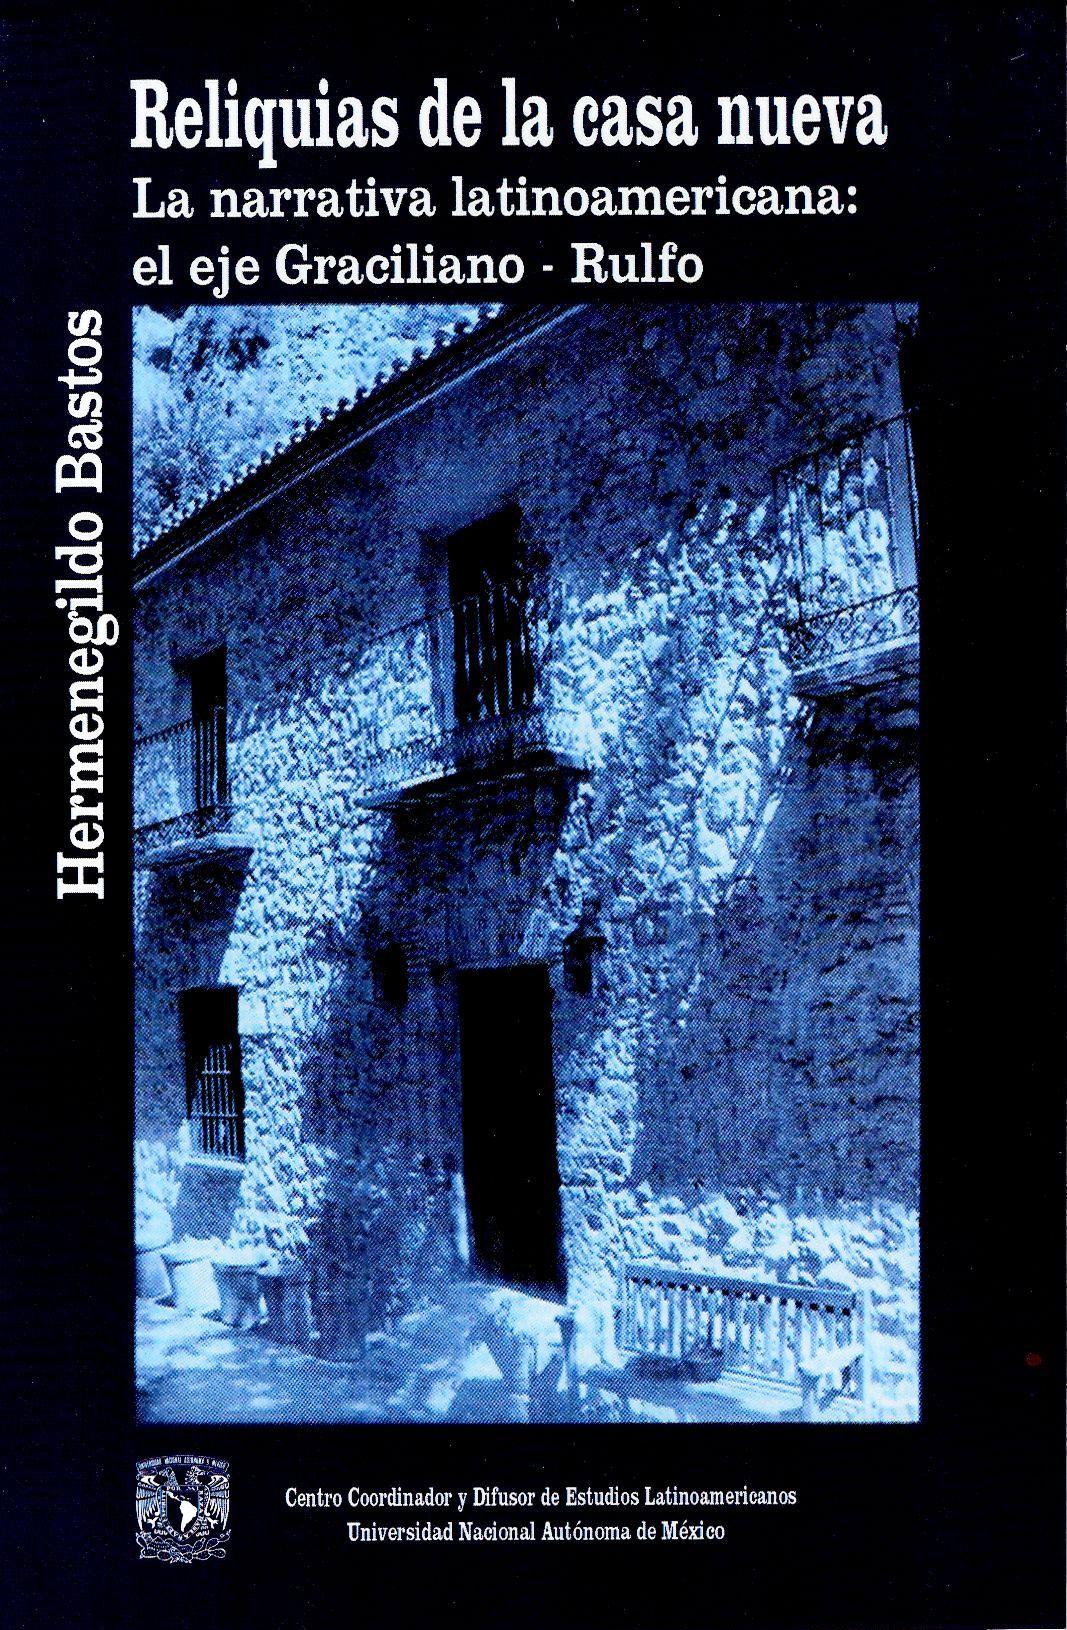 Reliquias de la casa nueva. La narrativa latinoamericana: el eje Graciliano-Rulfo